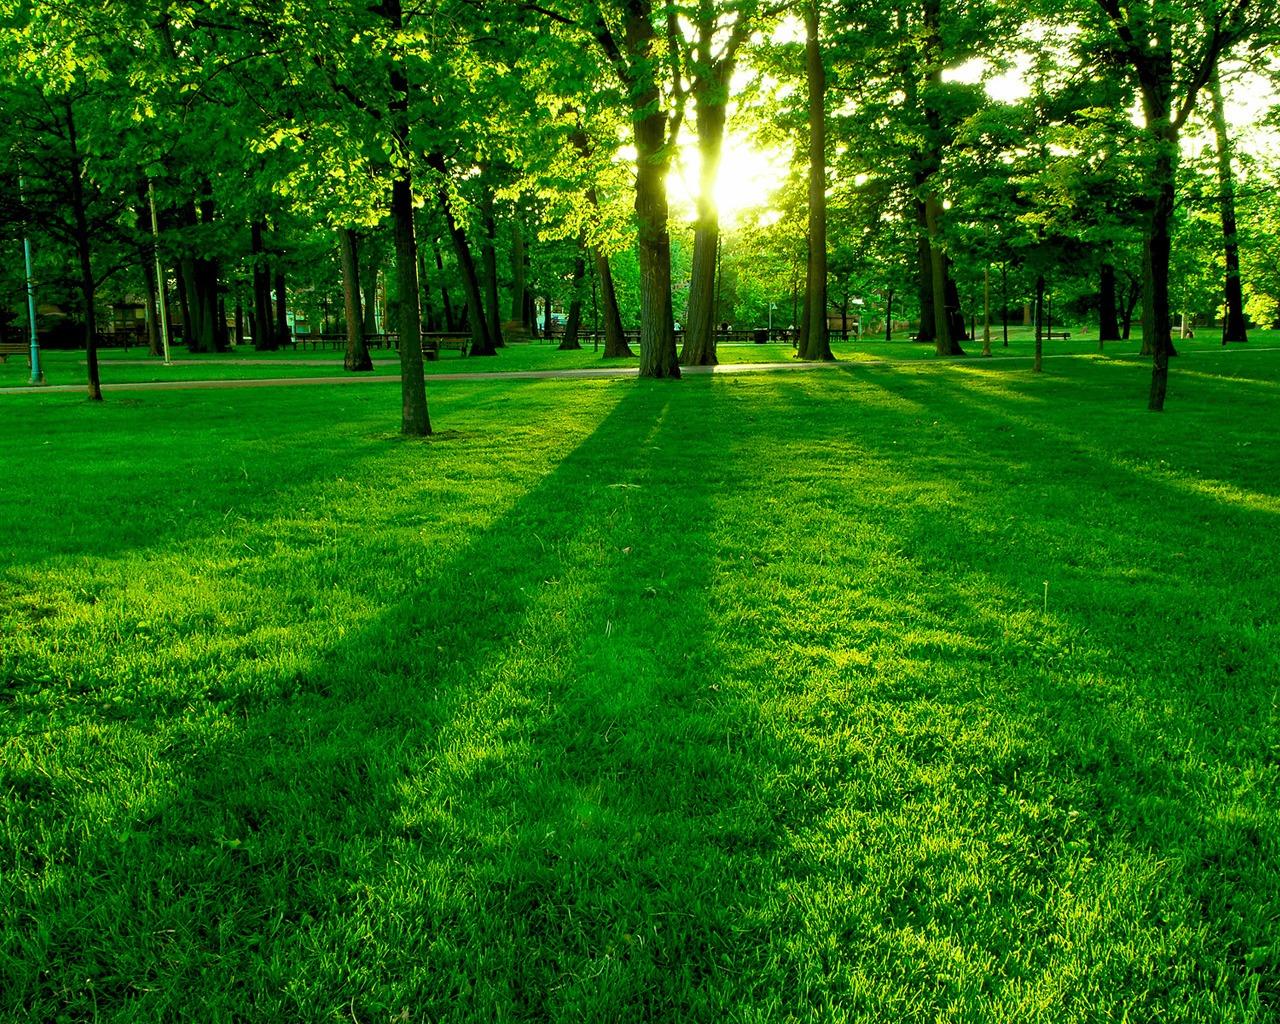 http://3.bp.blogspot.com/-NkpCPmqFbnM/UGUepK9BGcI/AAAAAAAAHeI/QeTaYKfwJWU/s1600/Nature-wallpaper-87.jpg